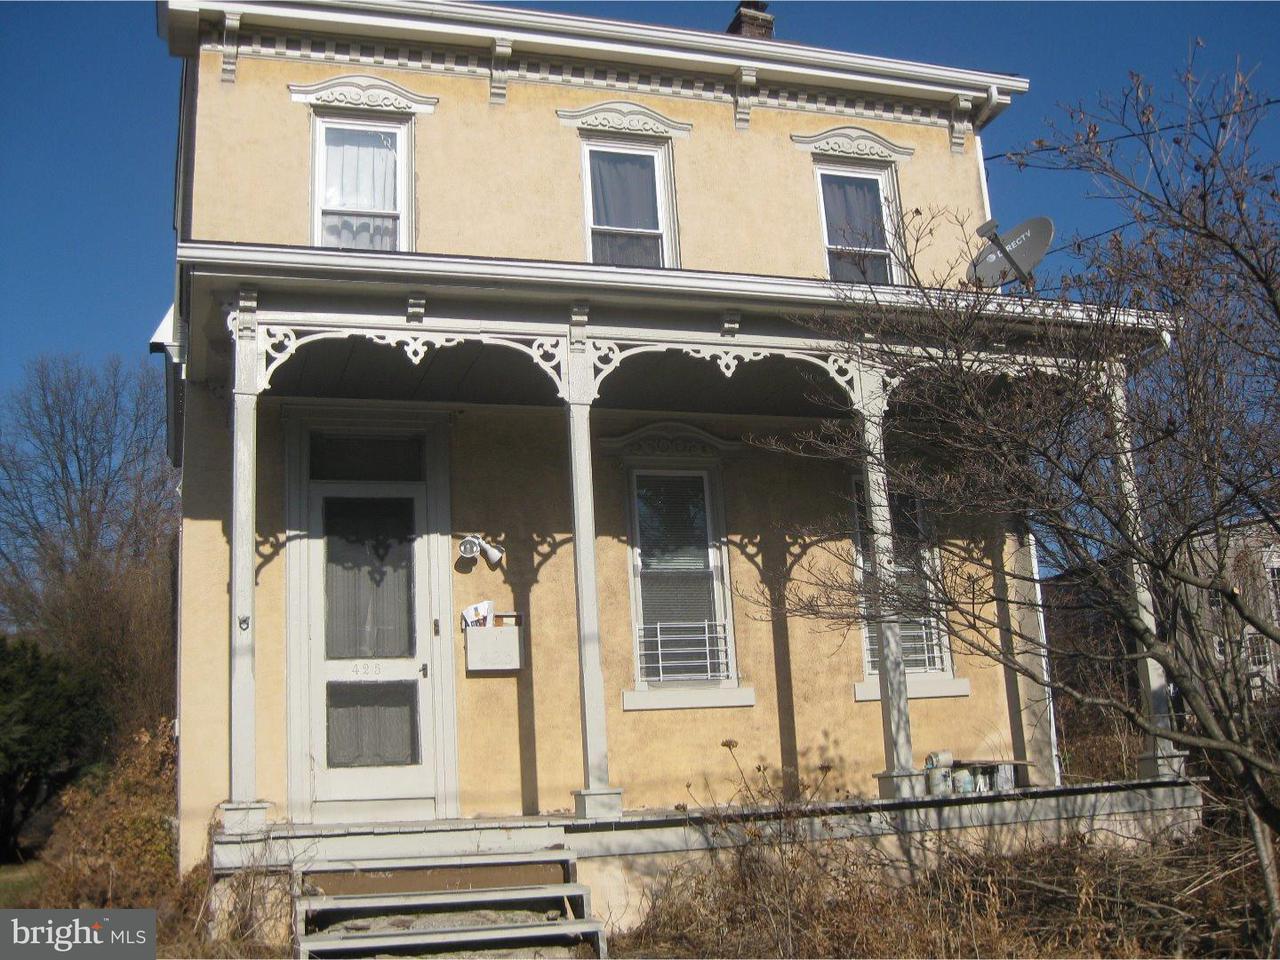 Частный односемейный дом для того Аренда на 425 3RD Street East Greenville, Пенсильвания 18041 Соединенные Штаты